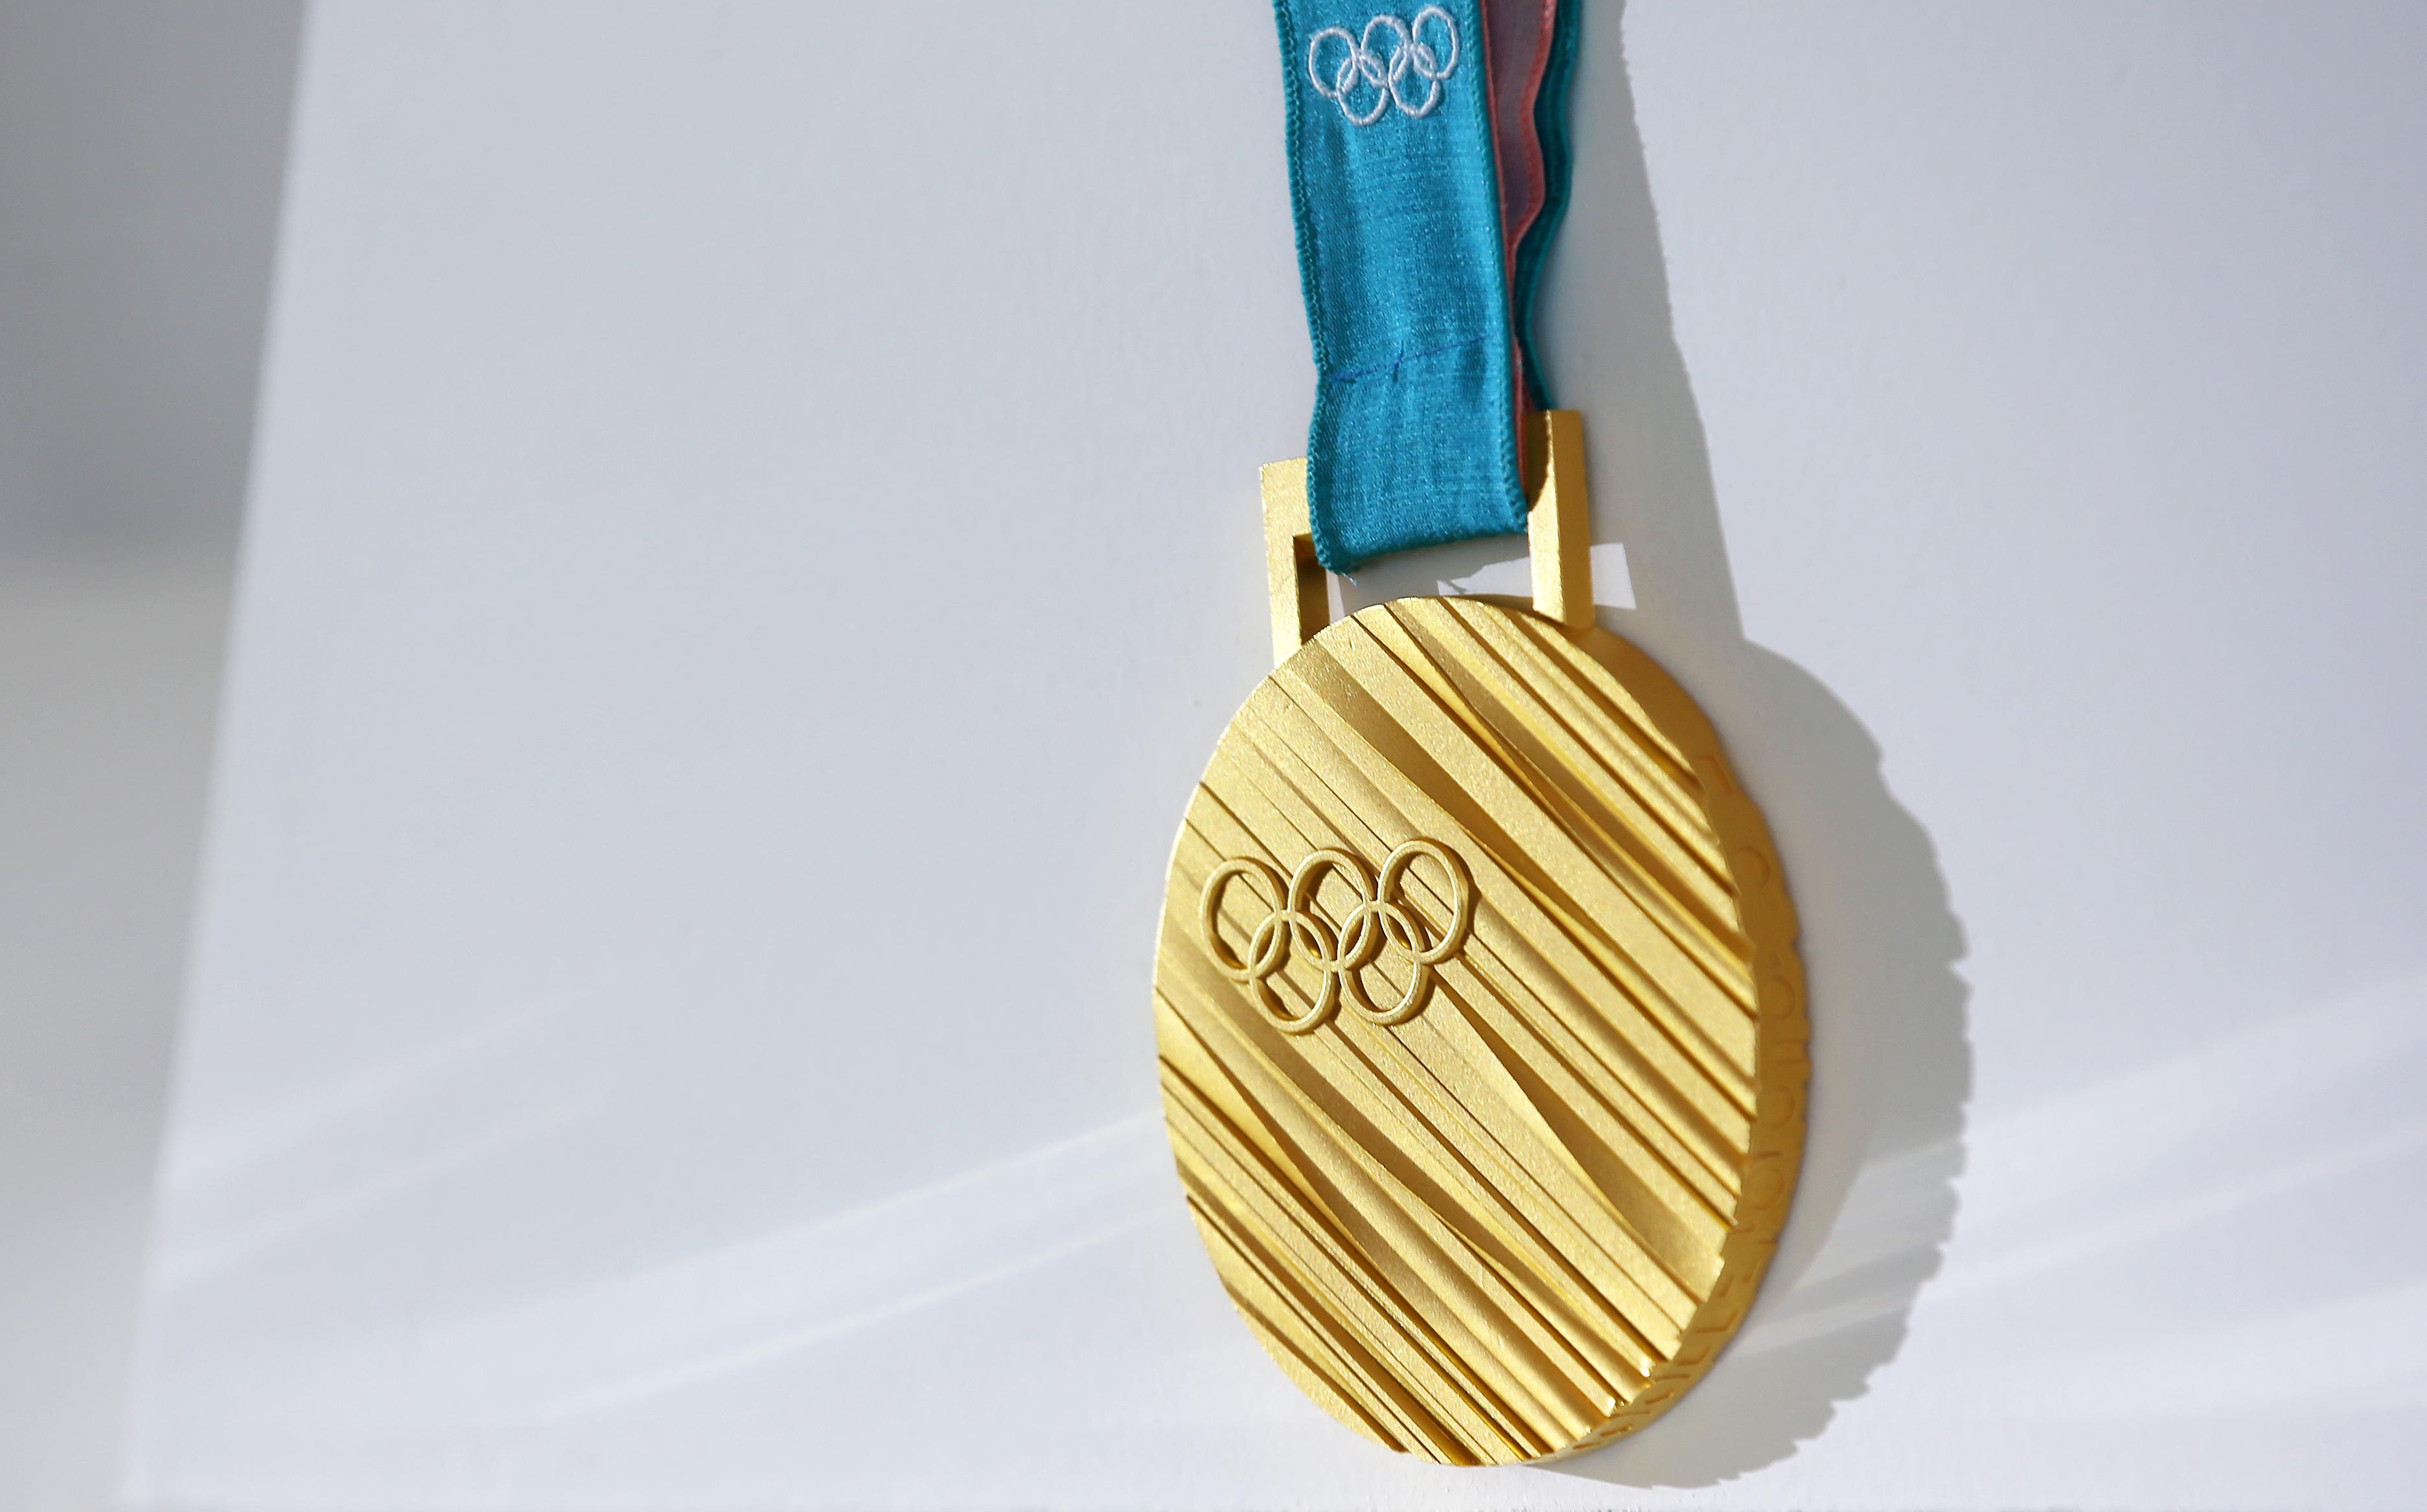 Italy Wins Bid to Host 2026 Winter Olympics - InsideHook